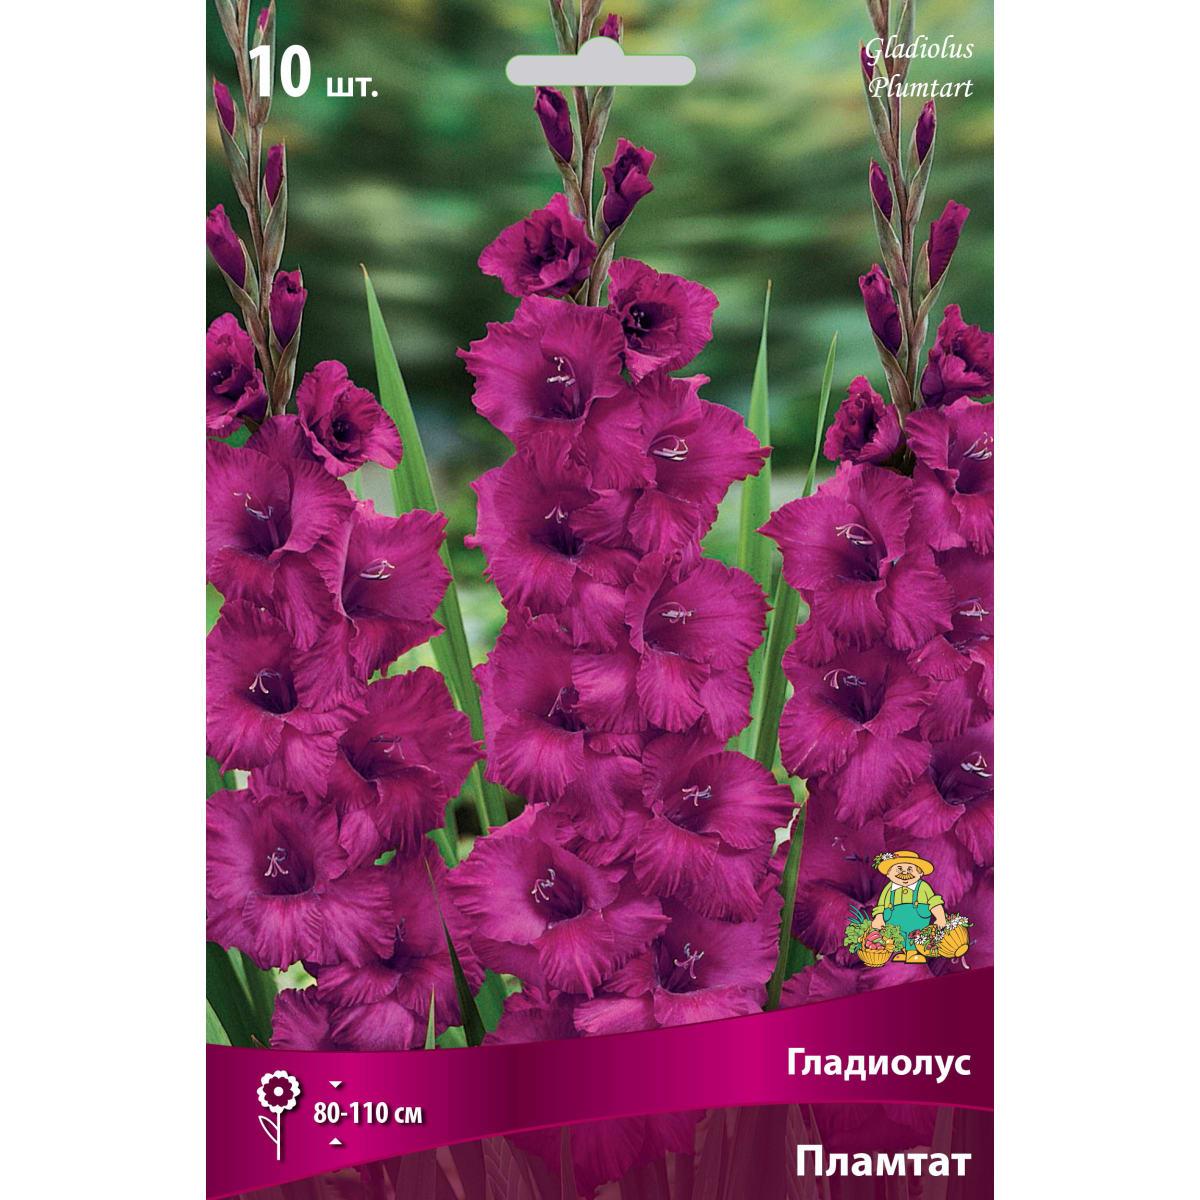 Гладиолус крупноцветковой «Пламтарт»